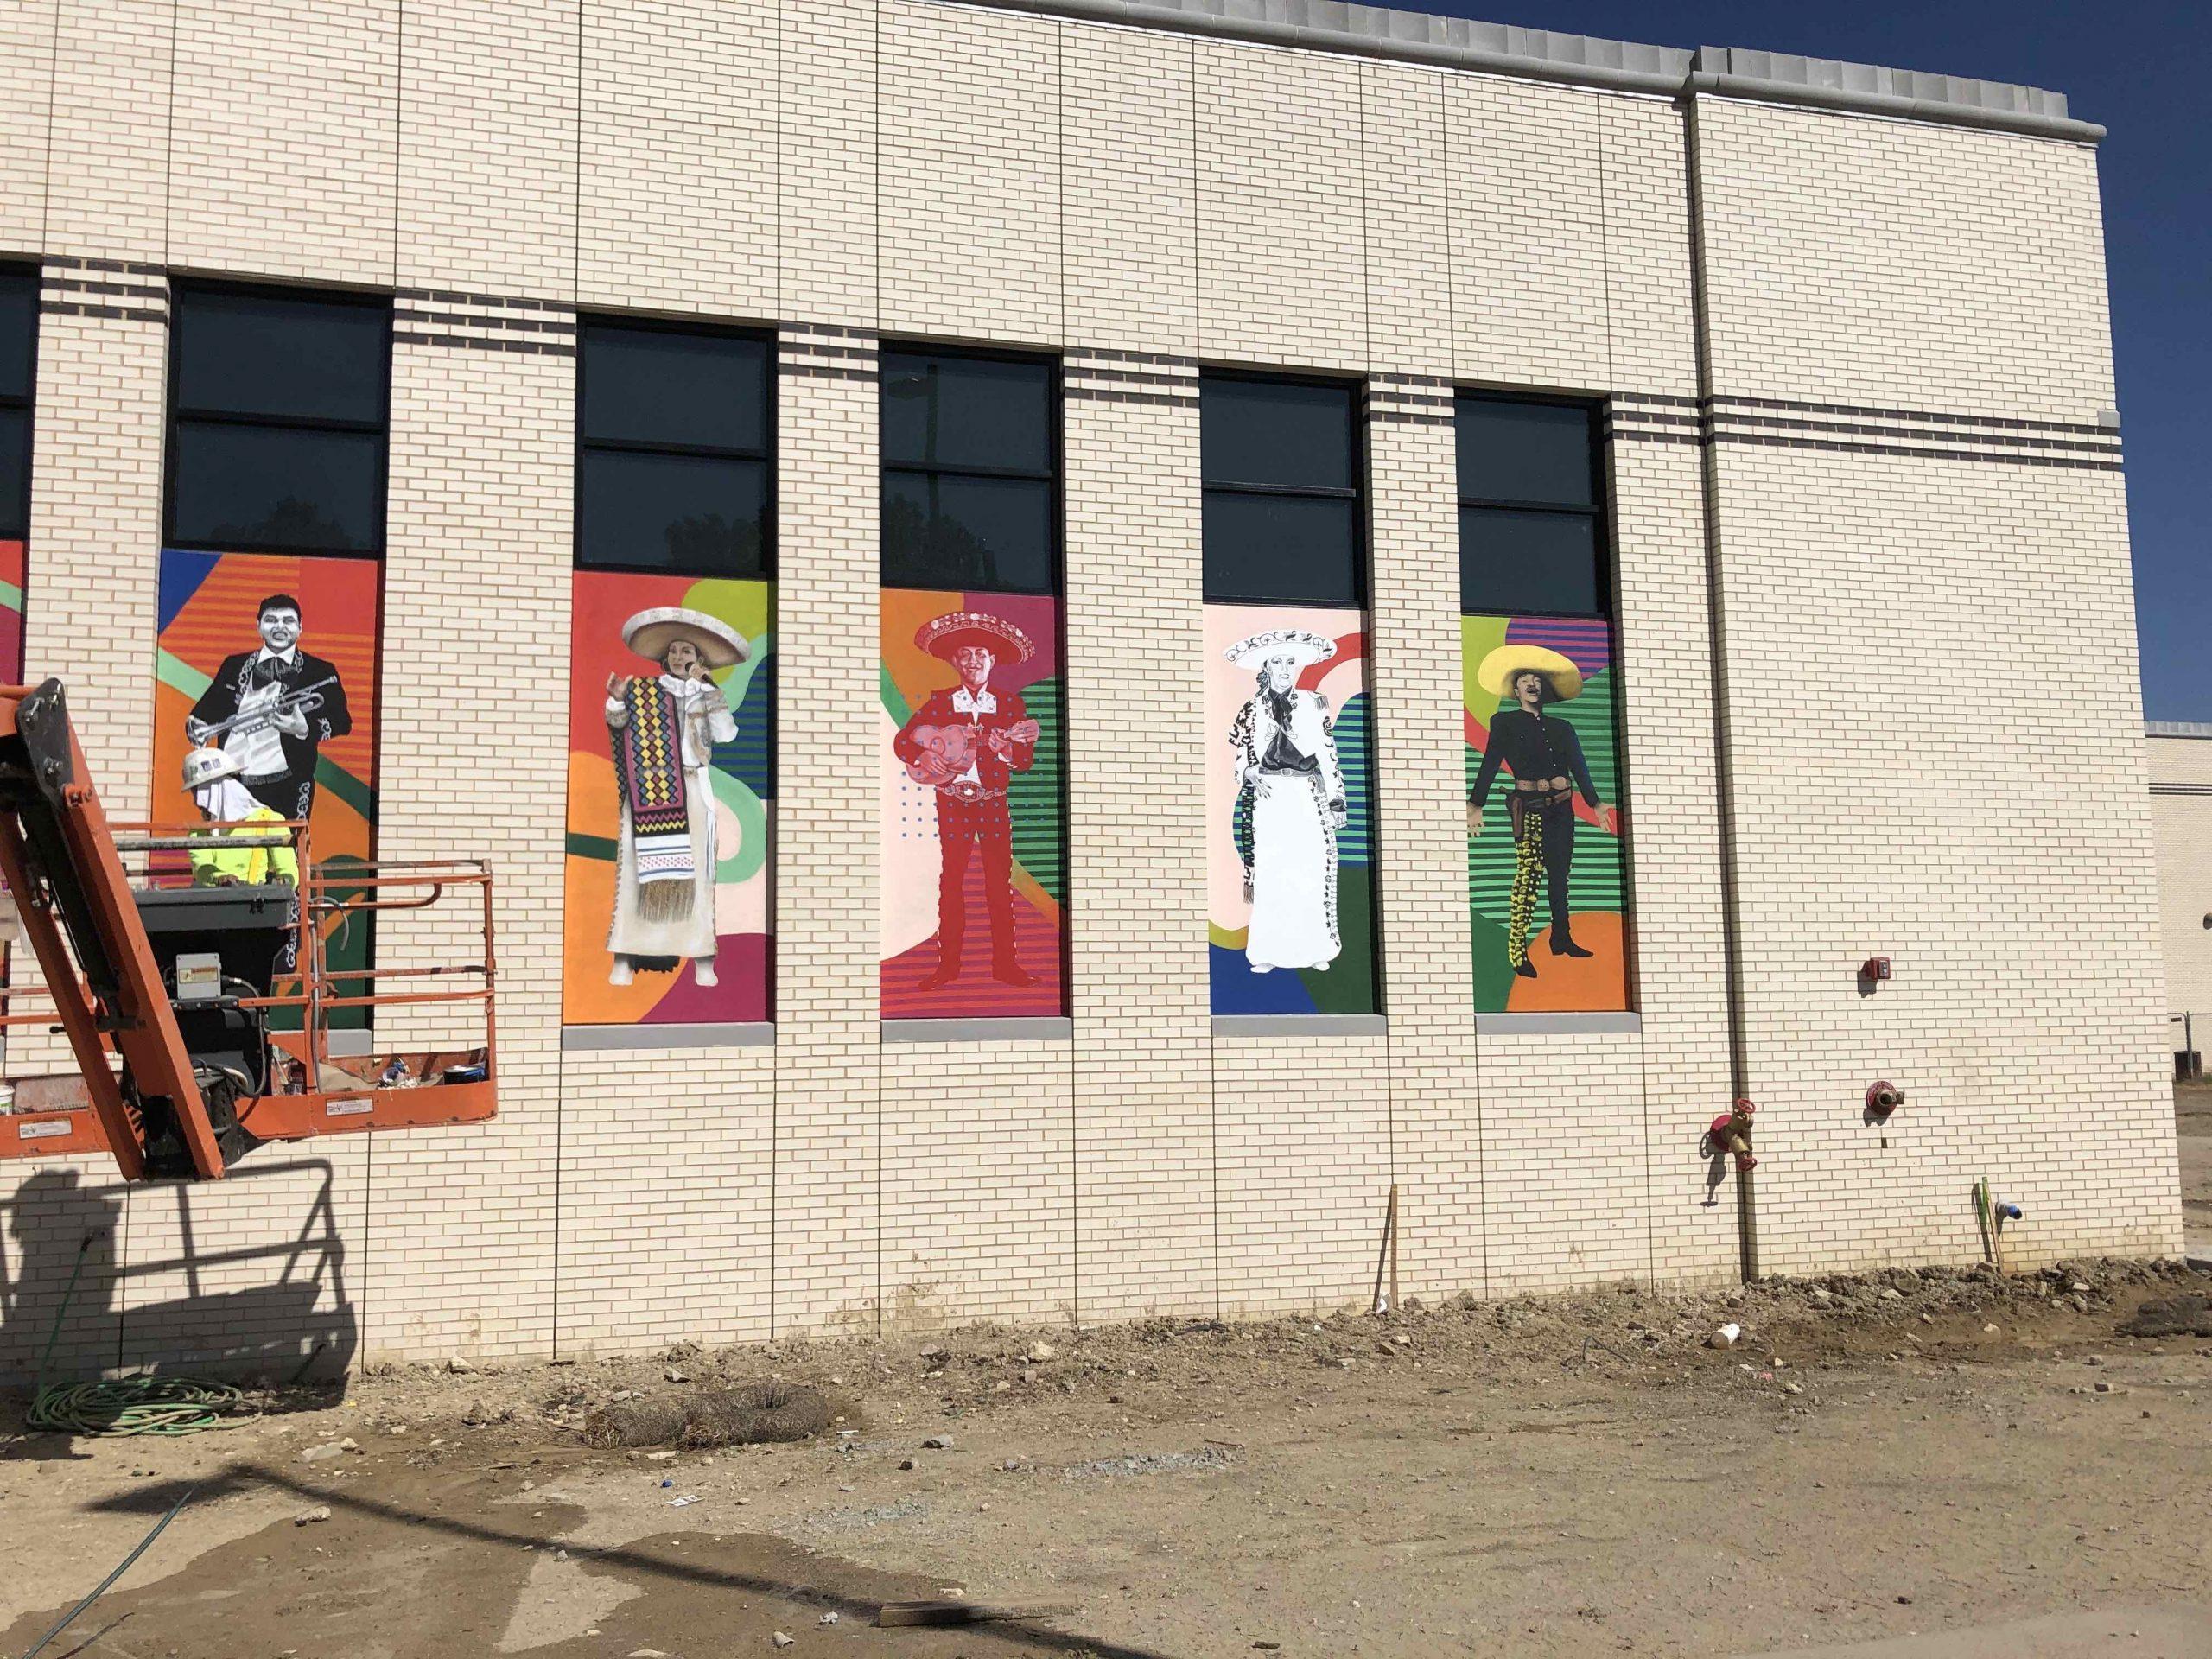 Mural Update image 1